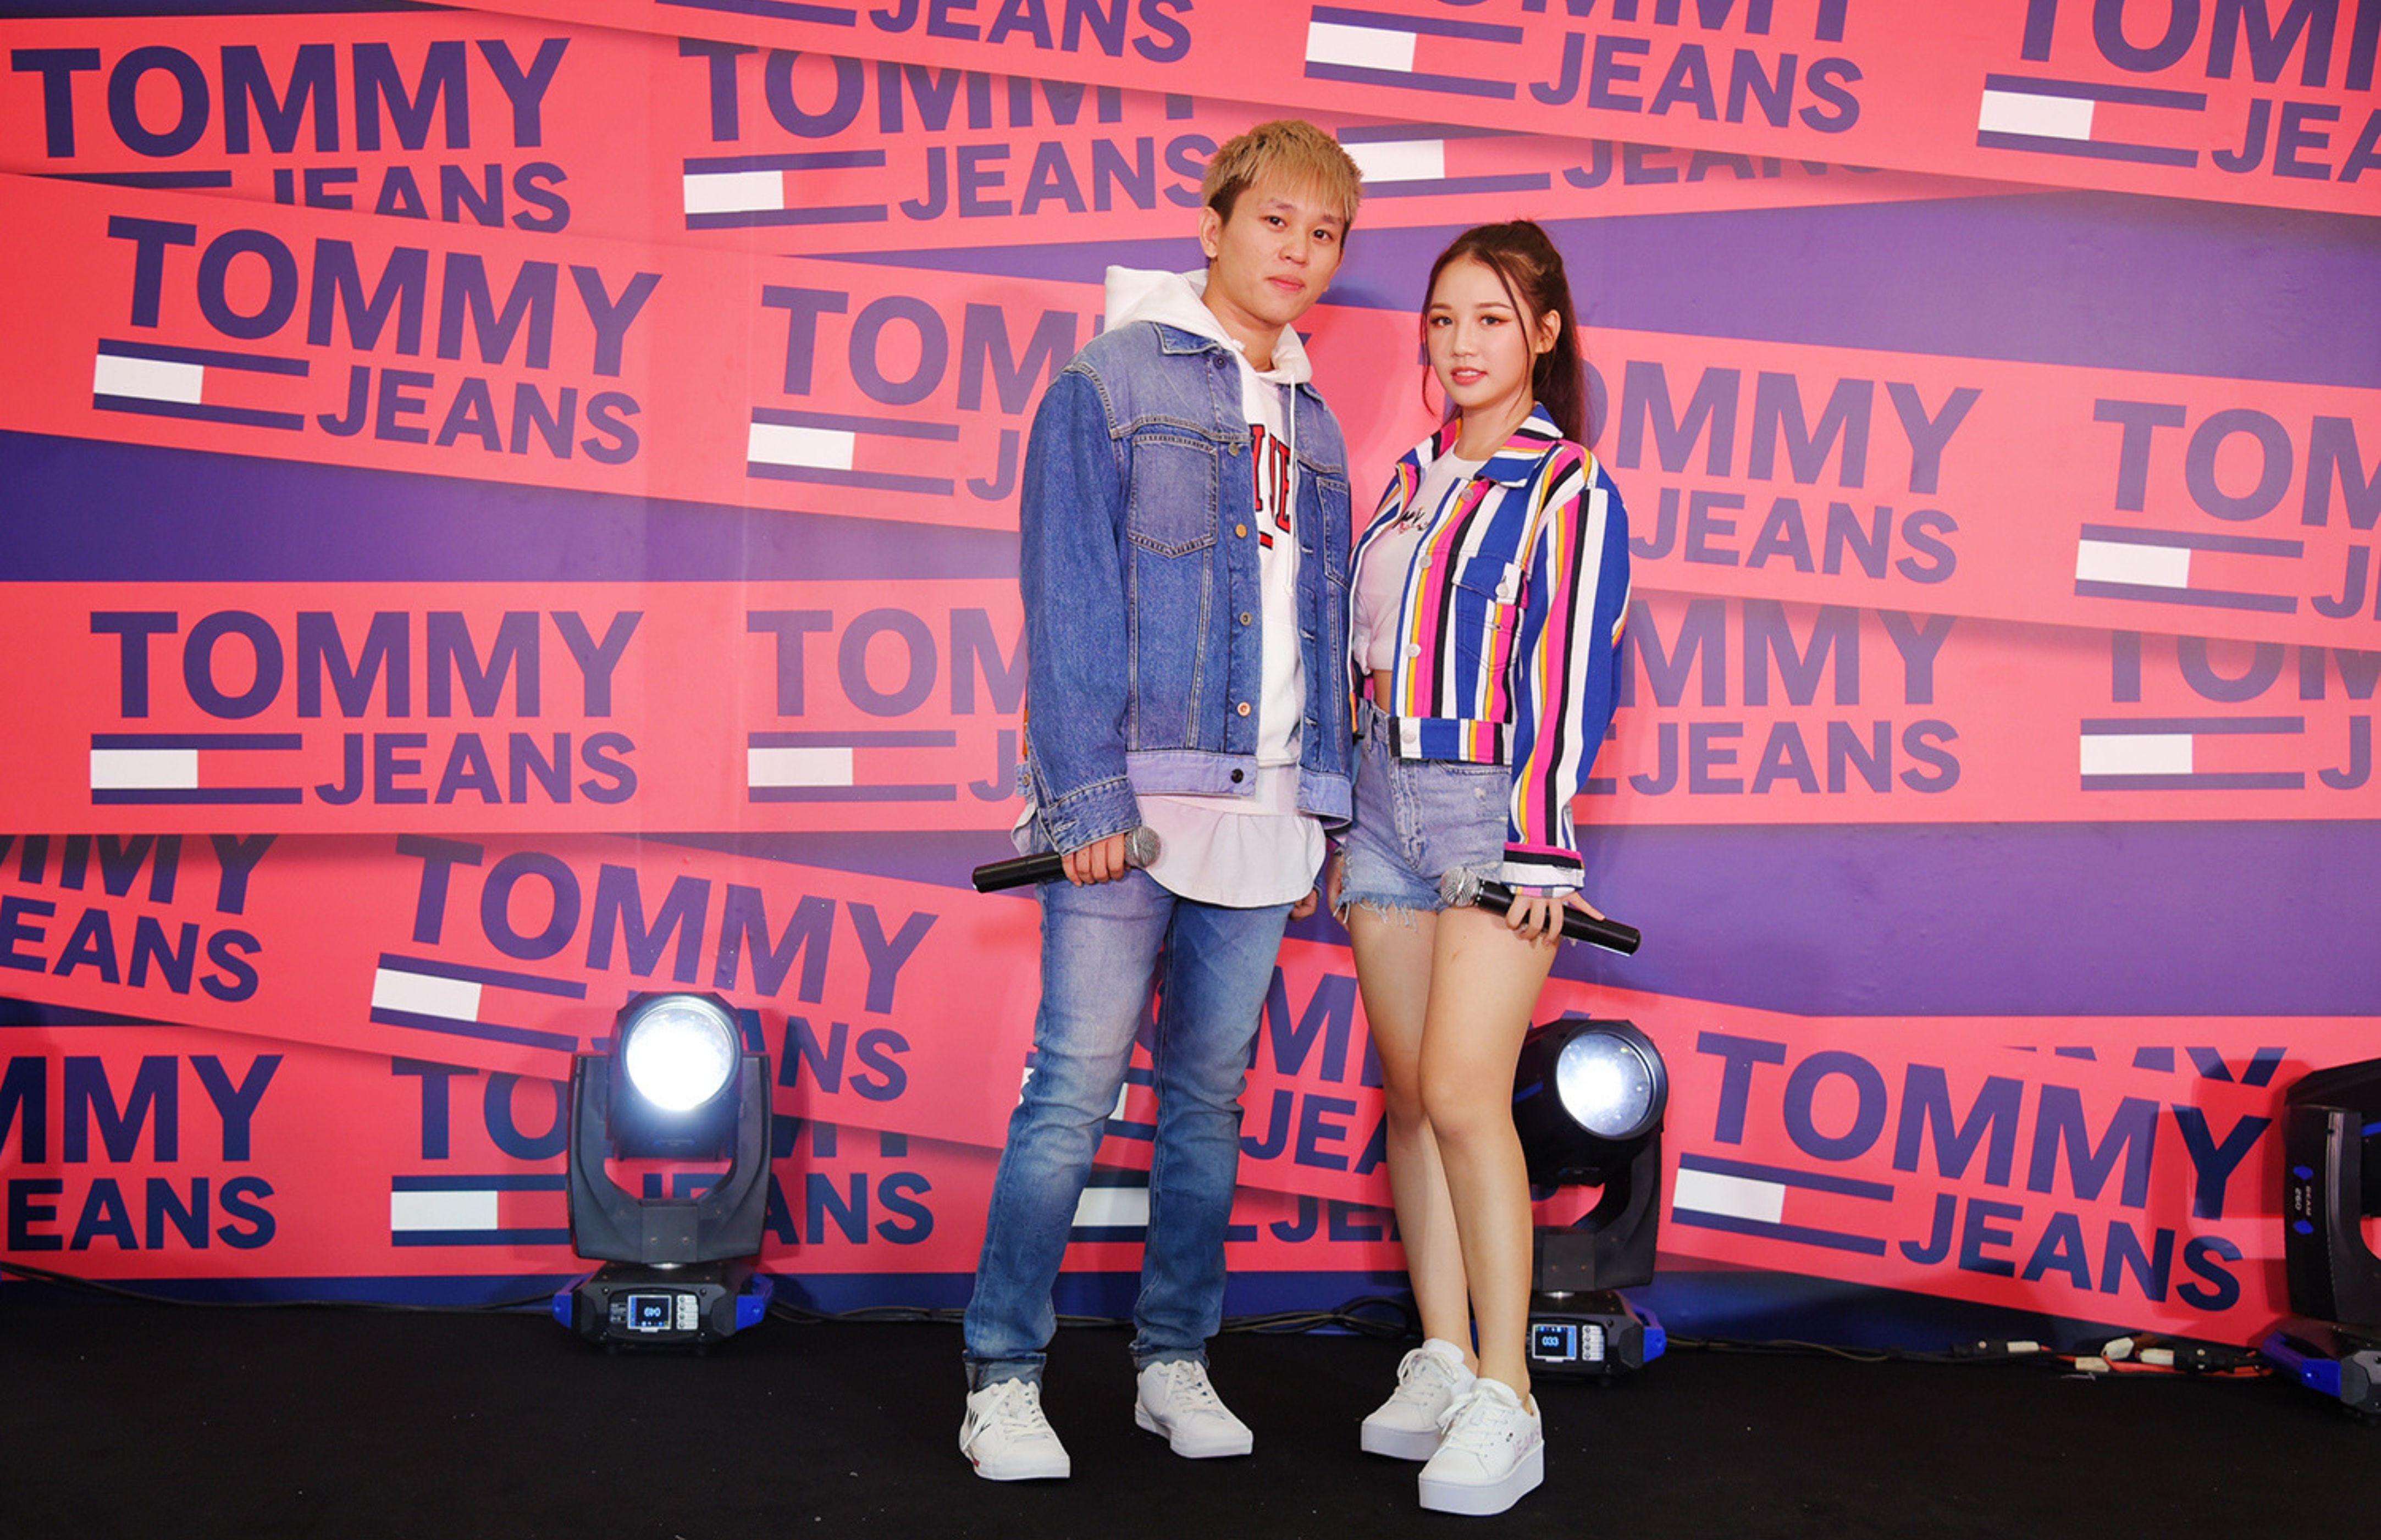 Bộ đôi ca sỹ được giới trẻ yêu mến AMEE và B RAY lựa chọn outfit đậm chất street style